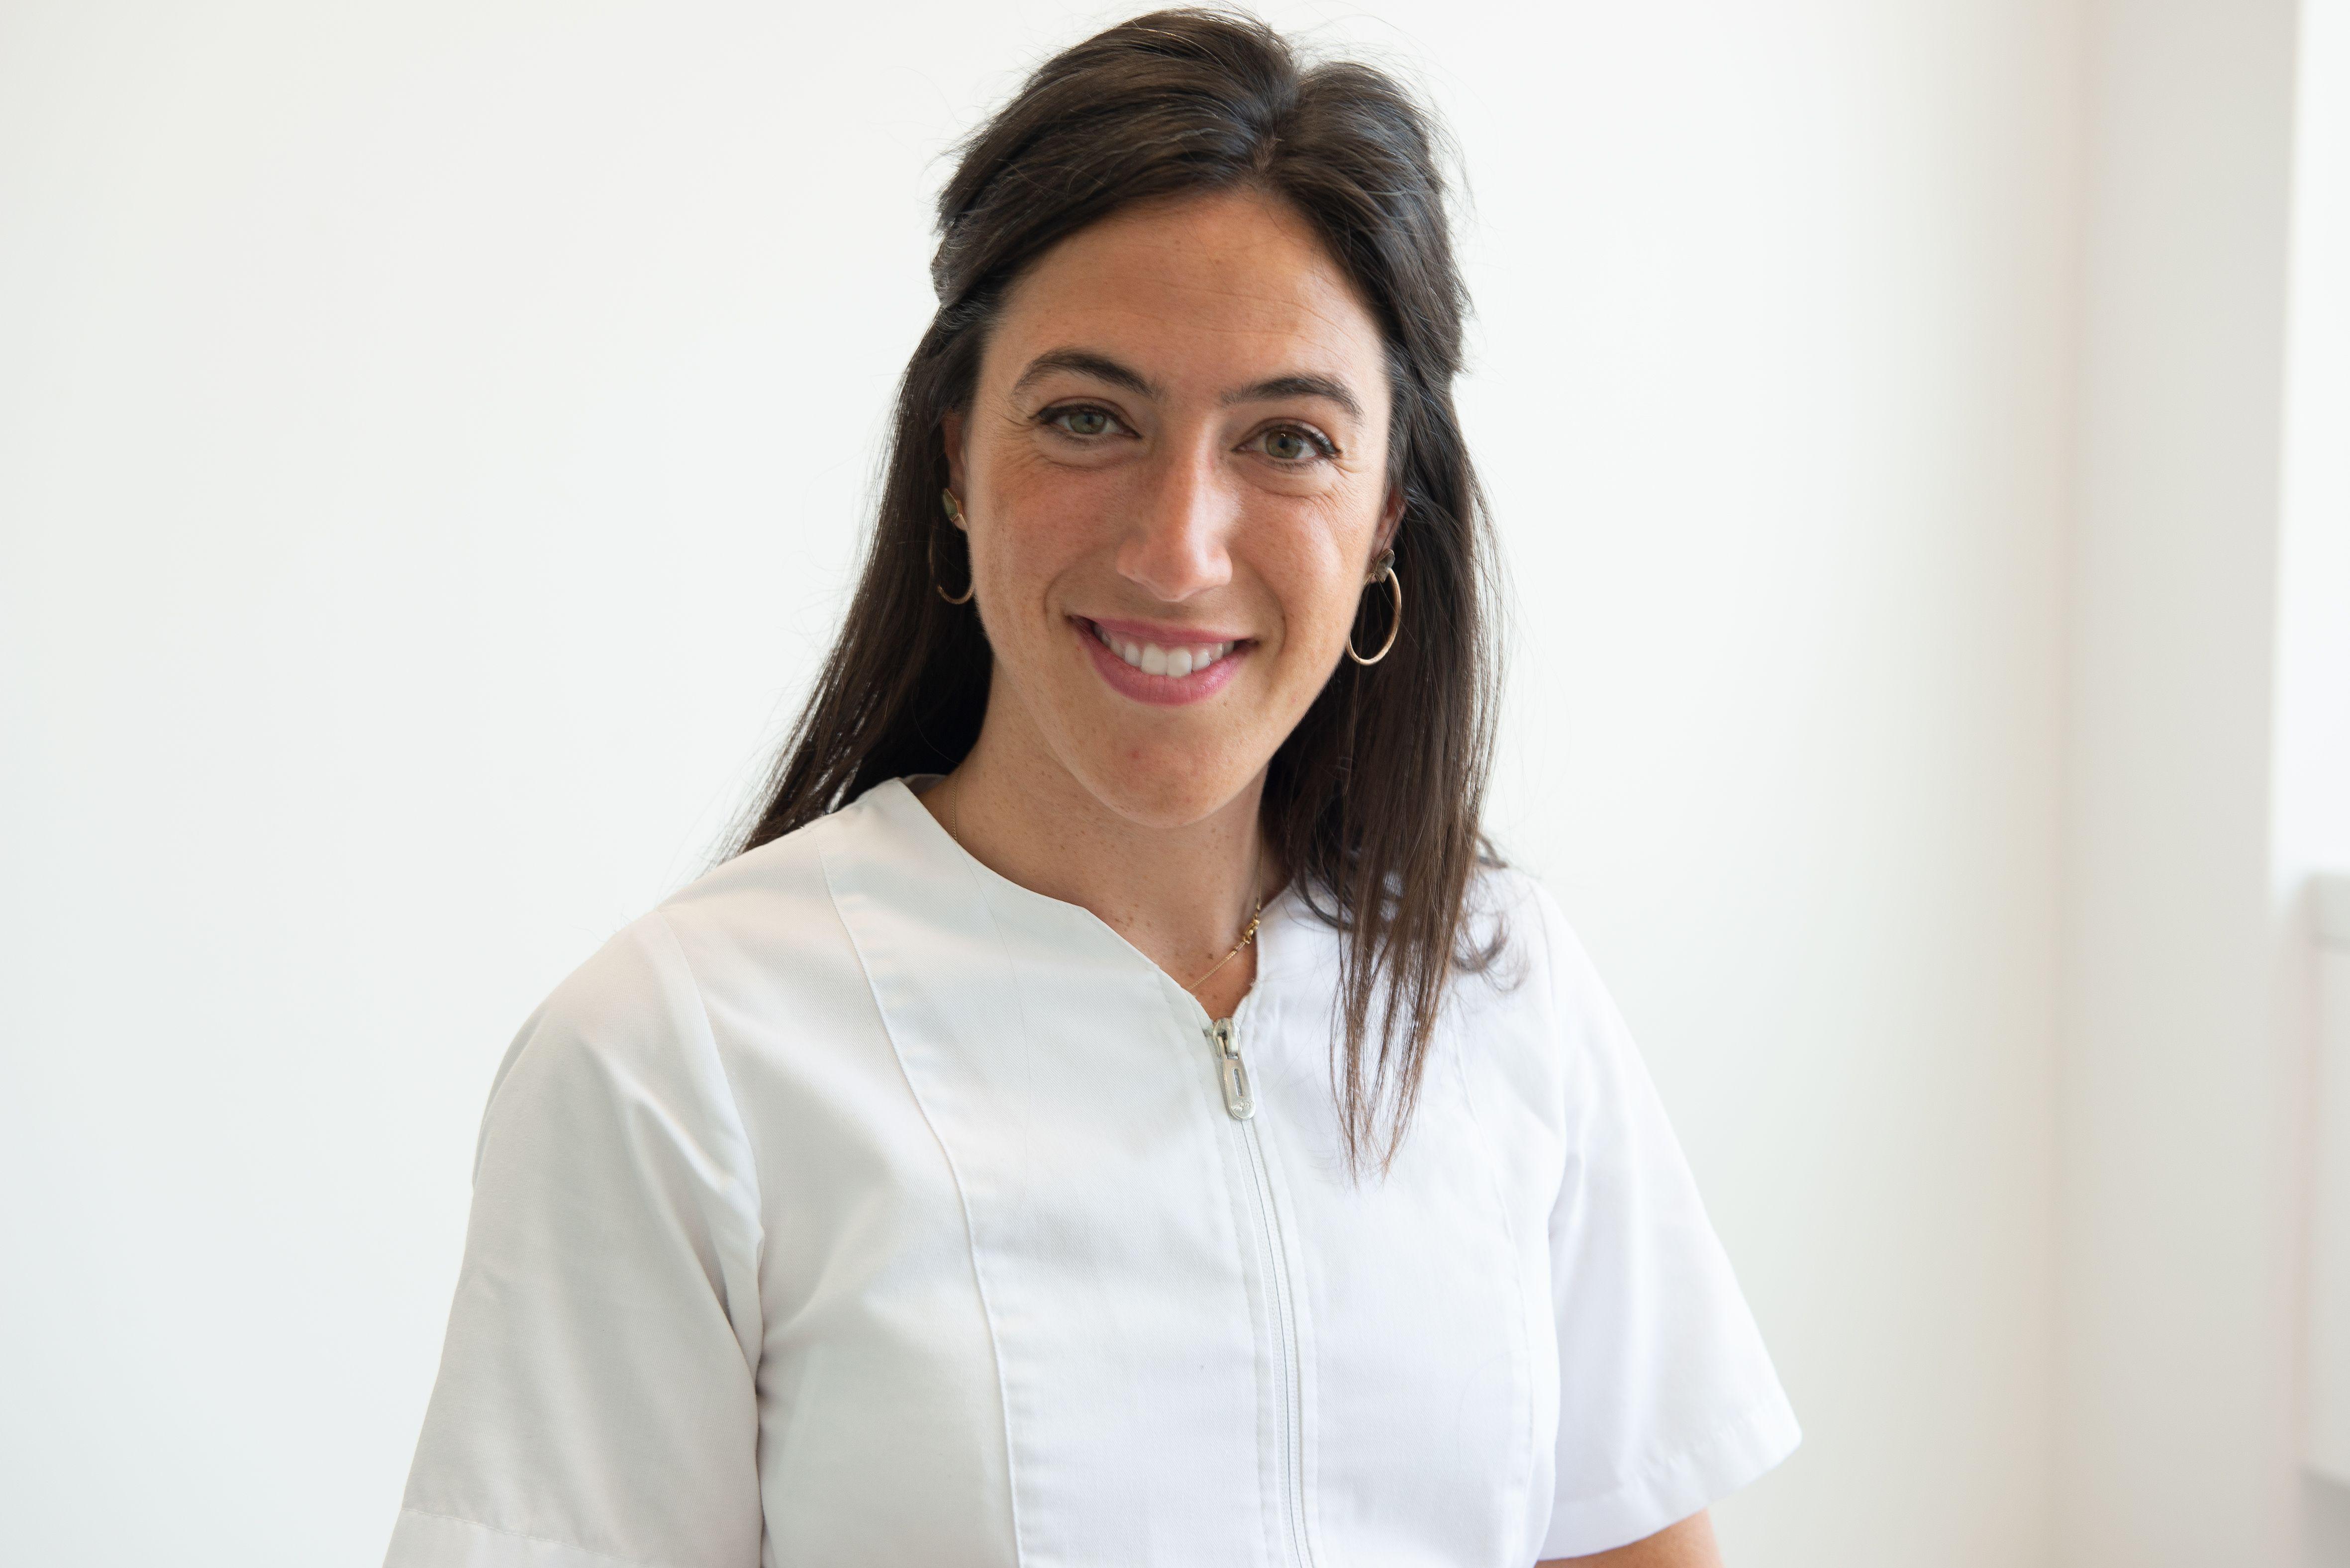 Podóloga de la Clínica María Arberas